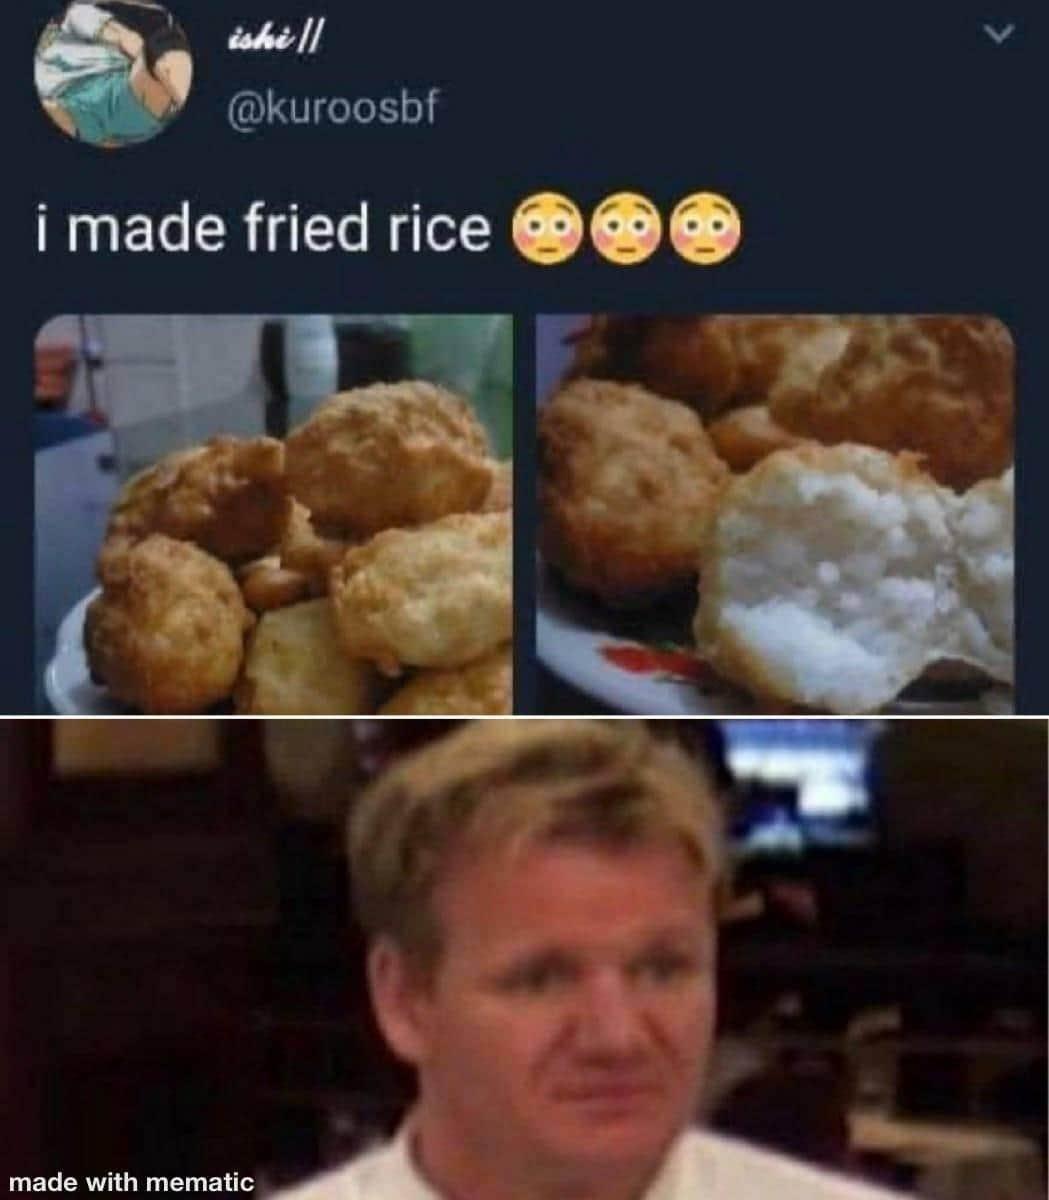 Arroz frito *se siente incomodo* - meme